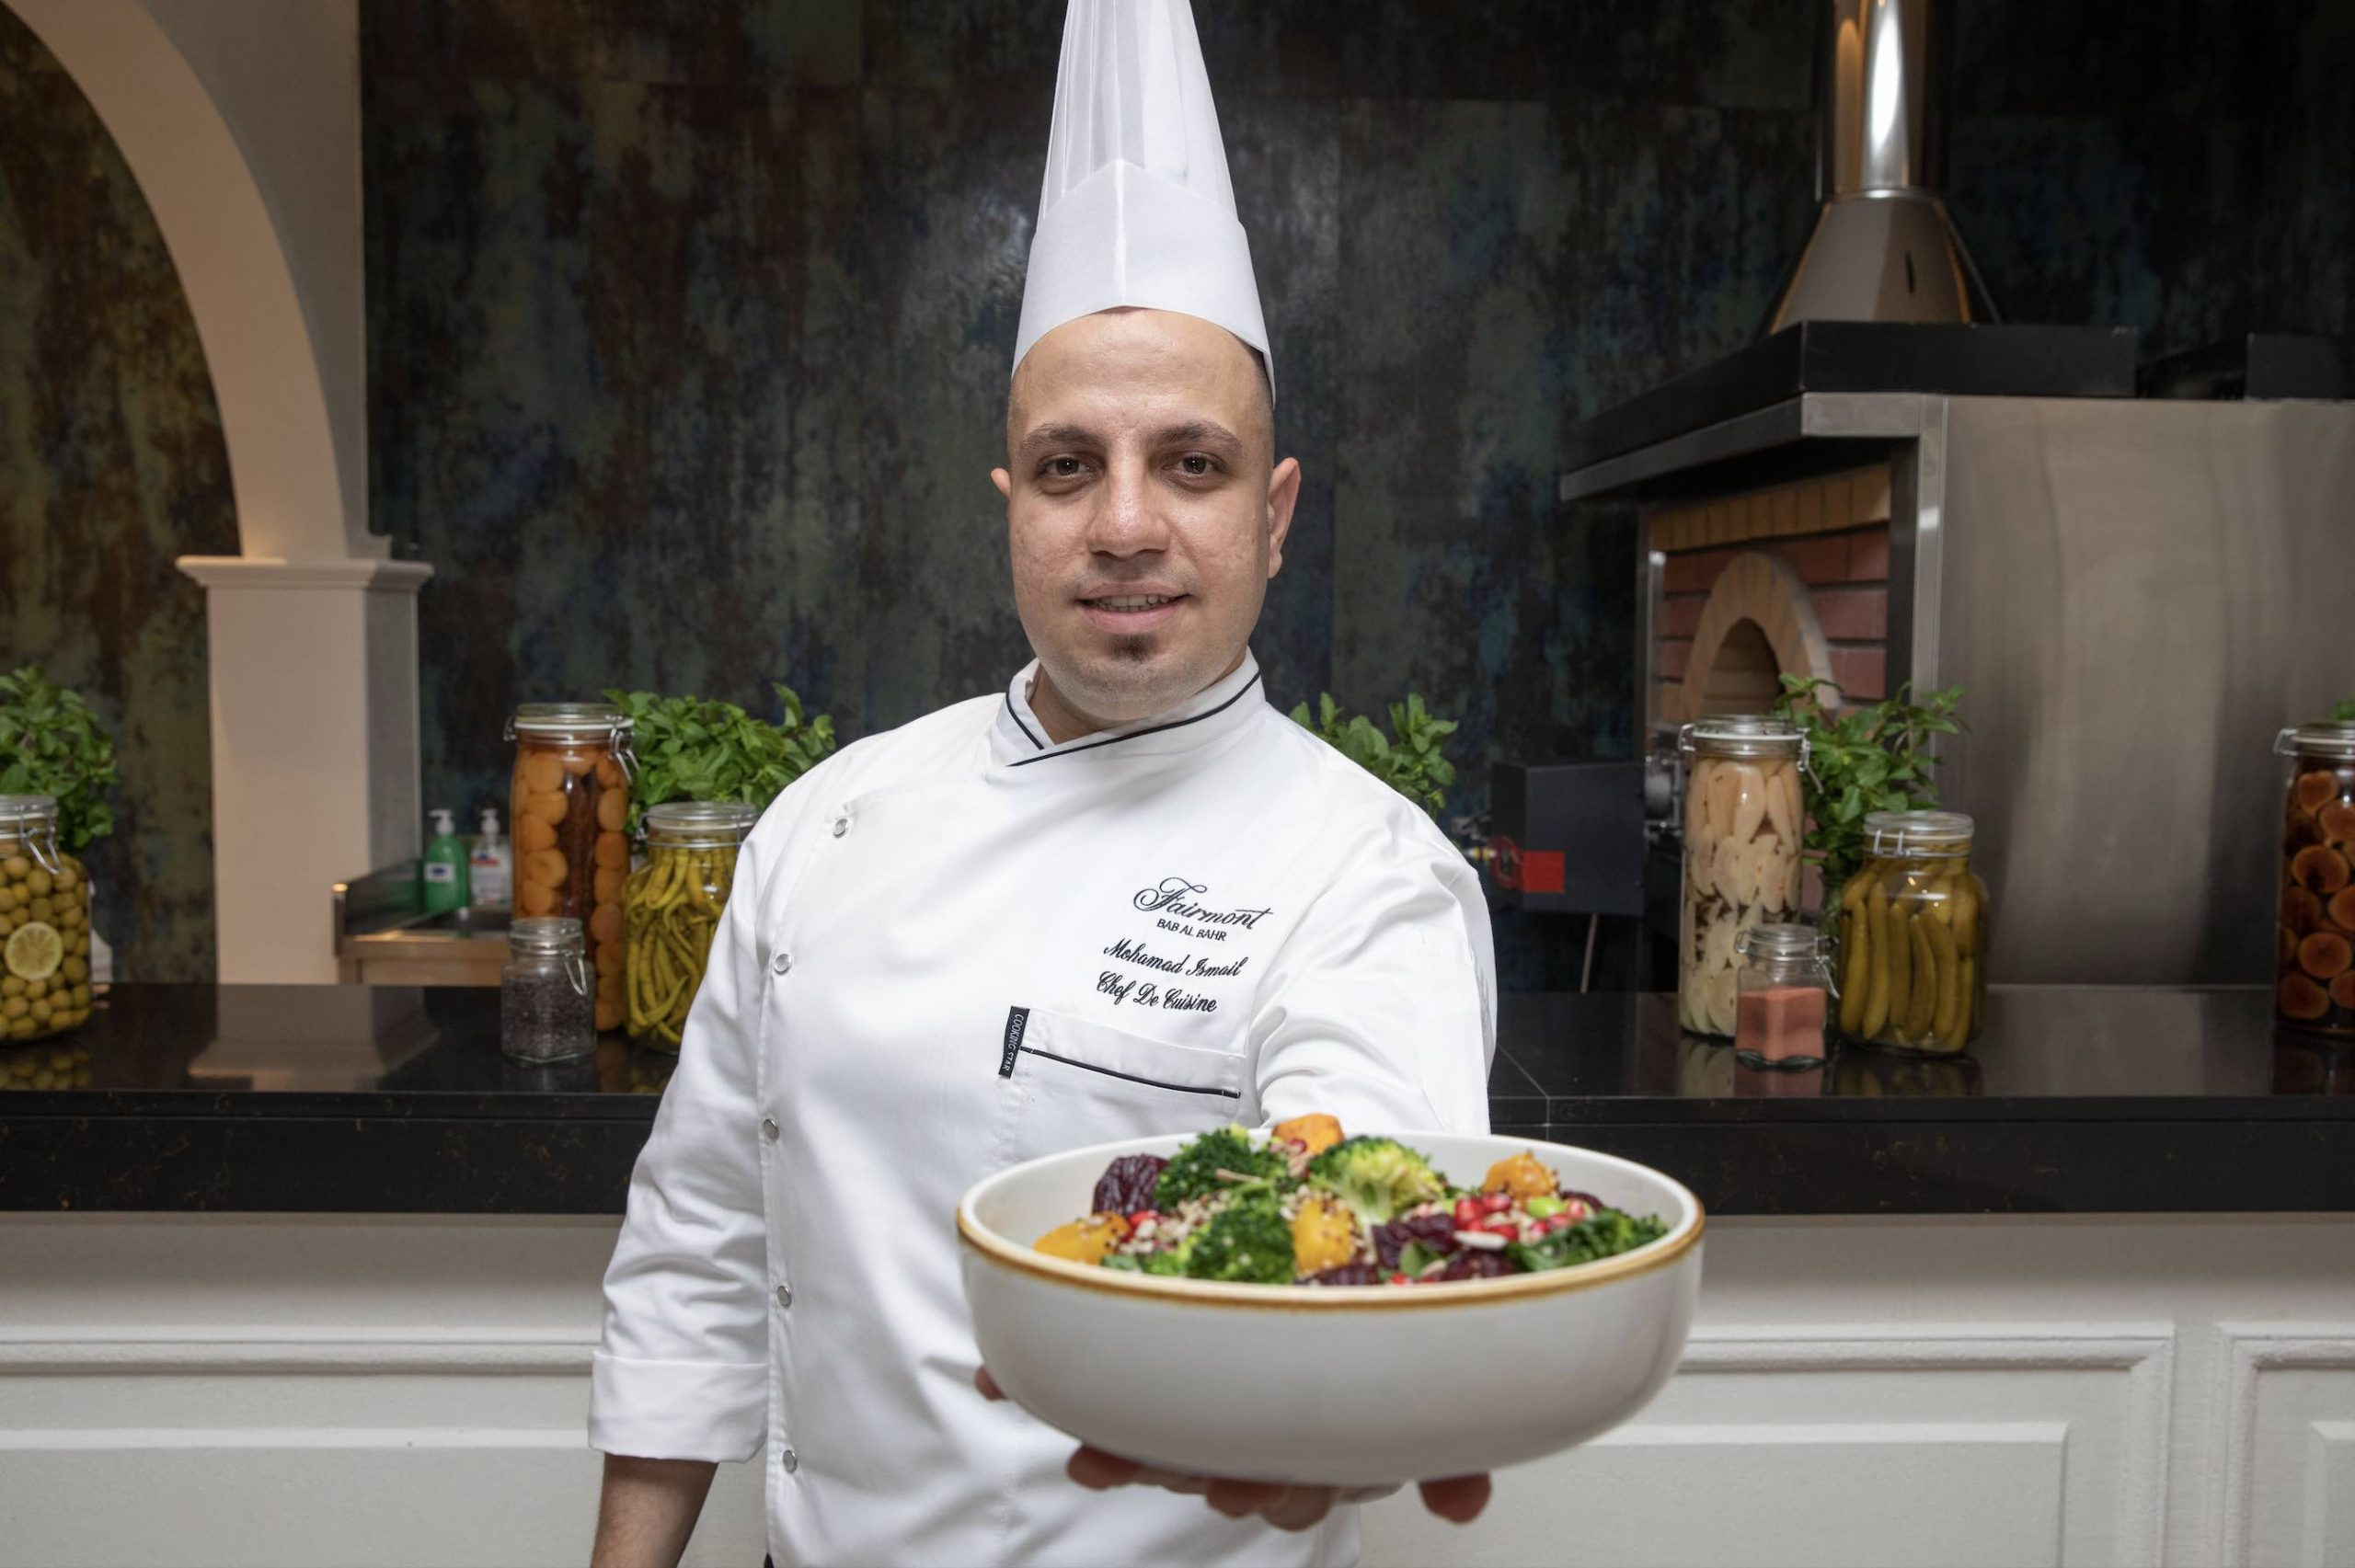 Fairmont Chef